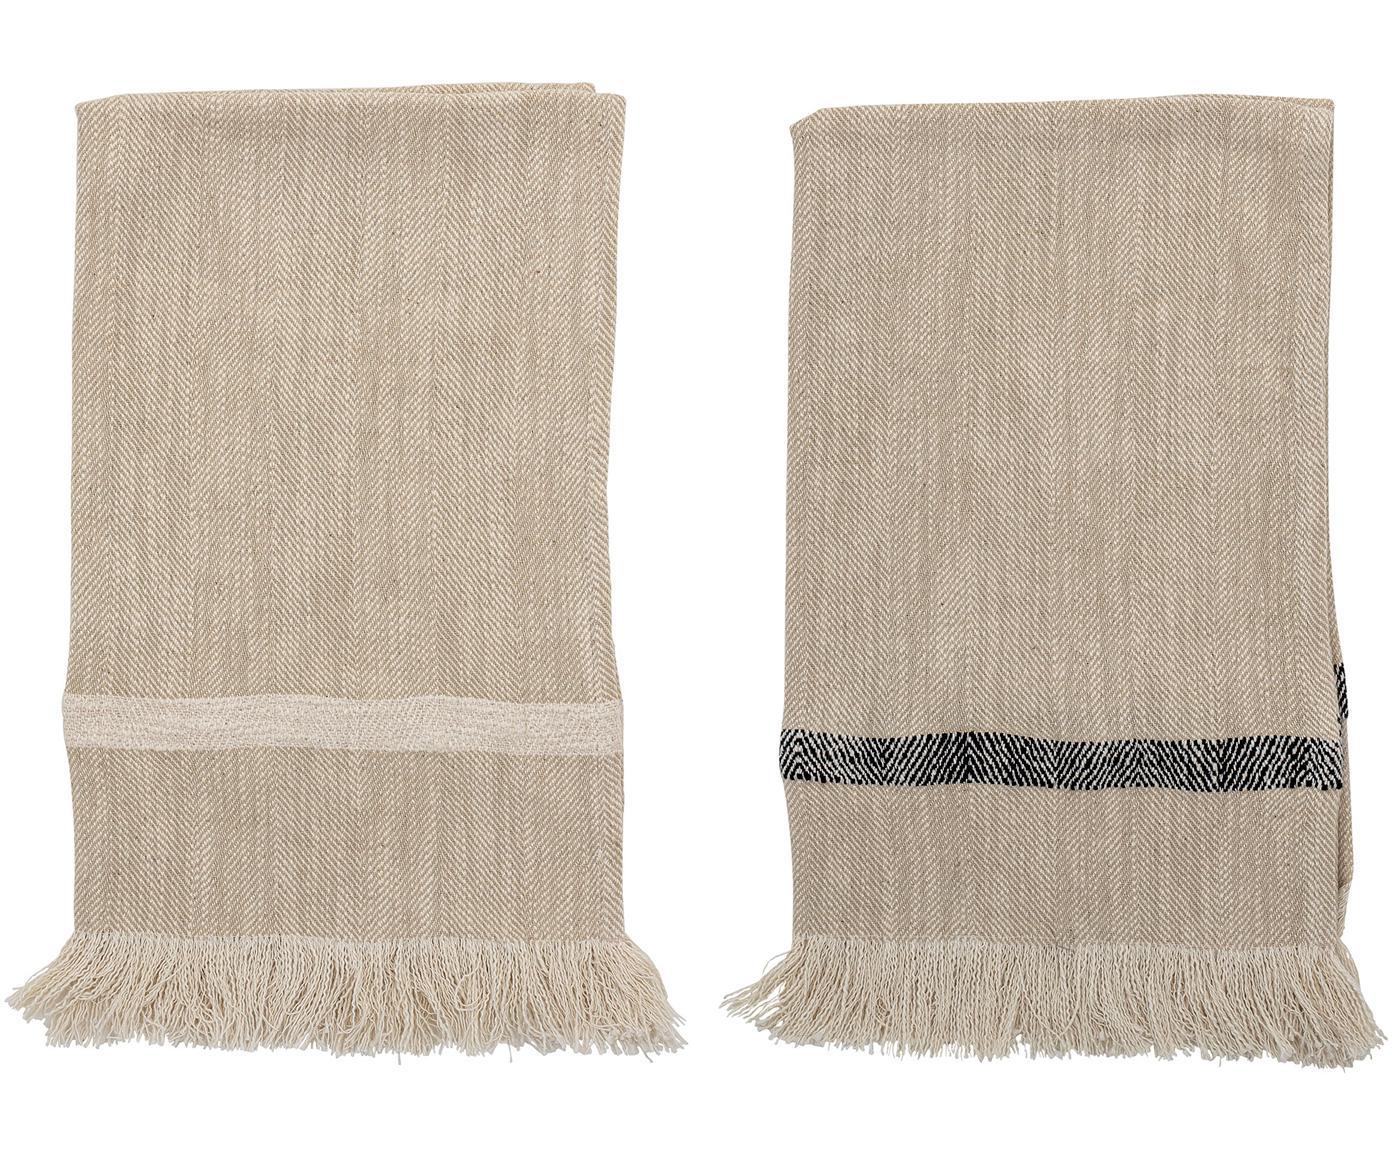 Paños de cocina Nature, 2uds., 100%algodón, Beige, An 45 x L 70 cm